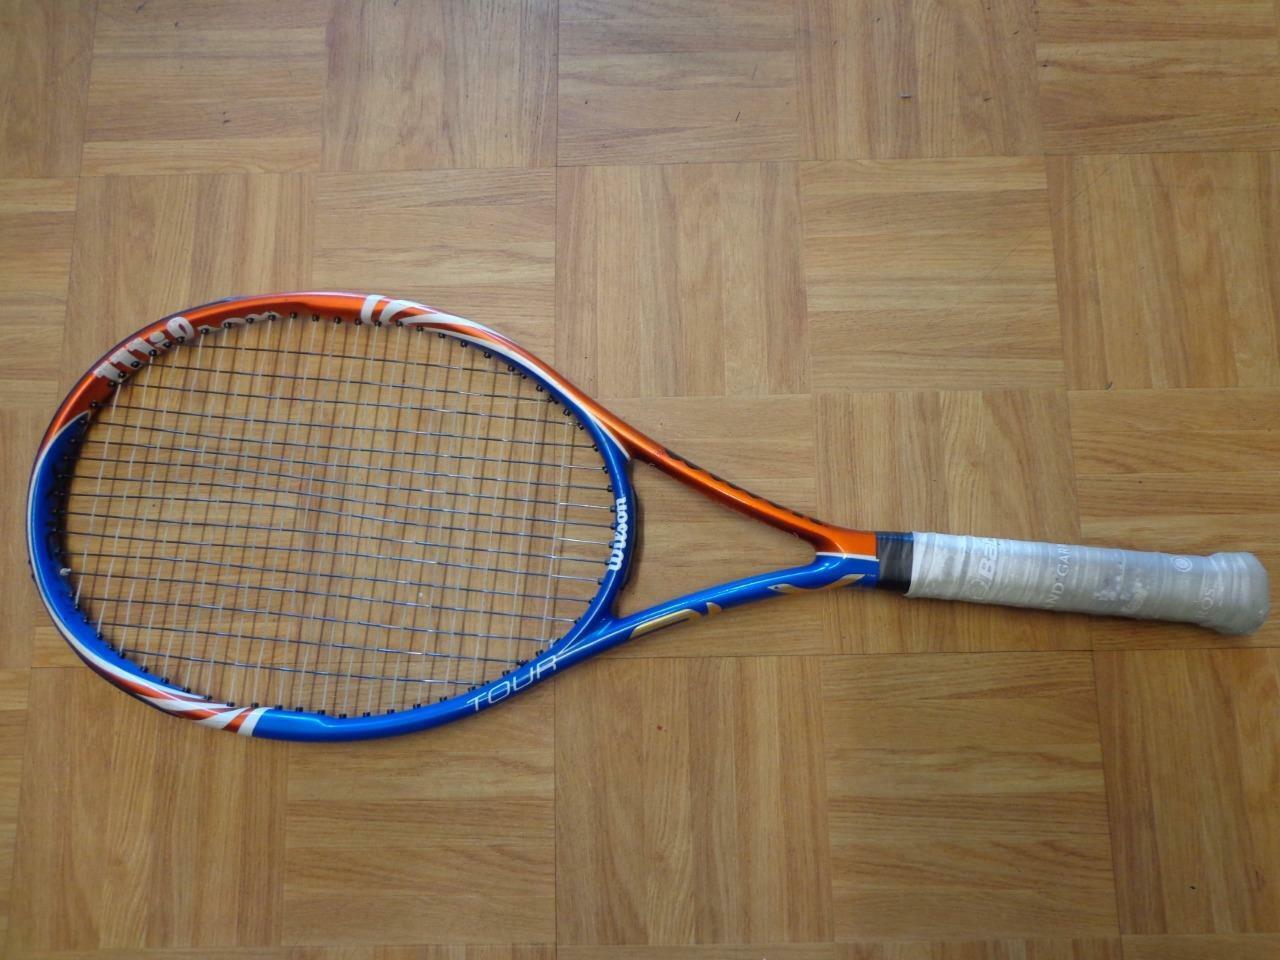 Wilson BLX Tour 95 16x20 pattern 4 1 4 grip Tennis Racquet